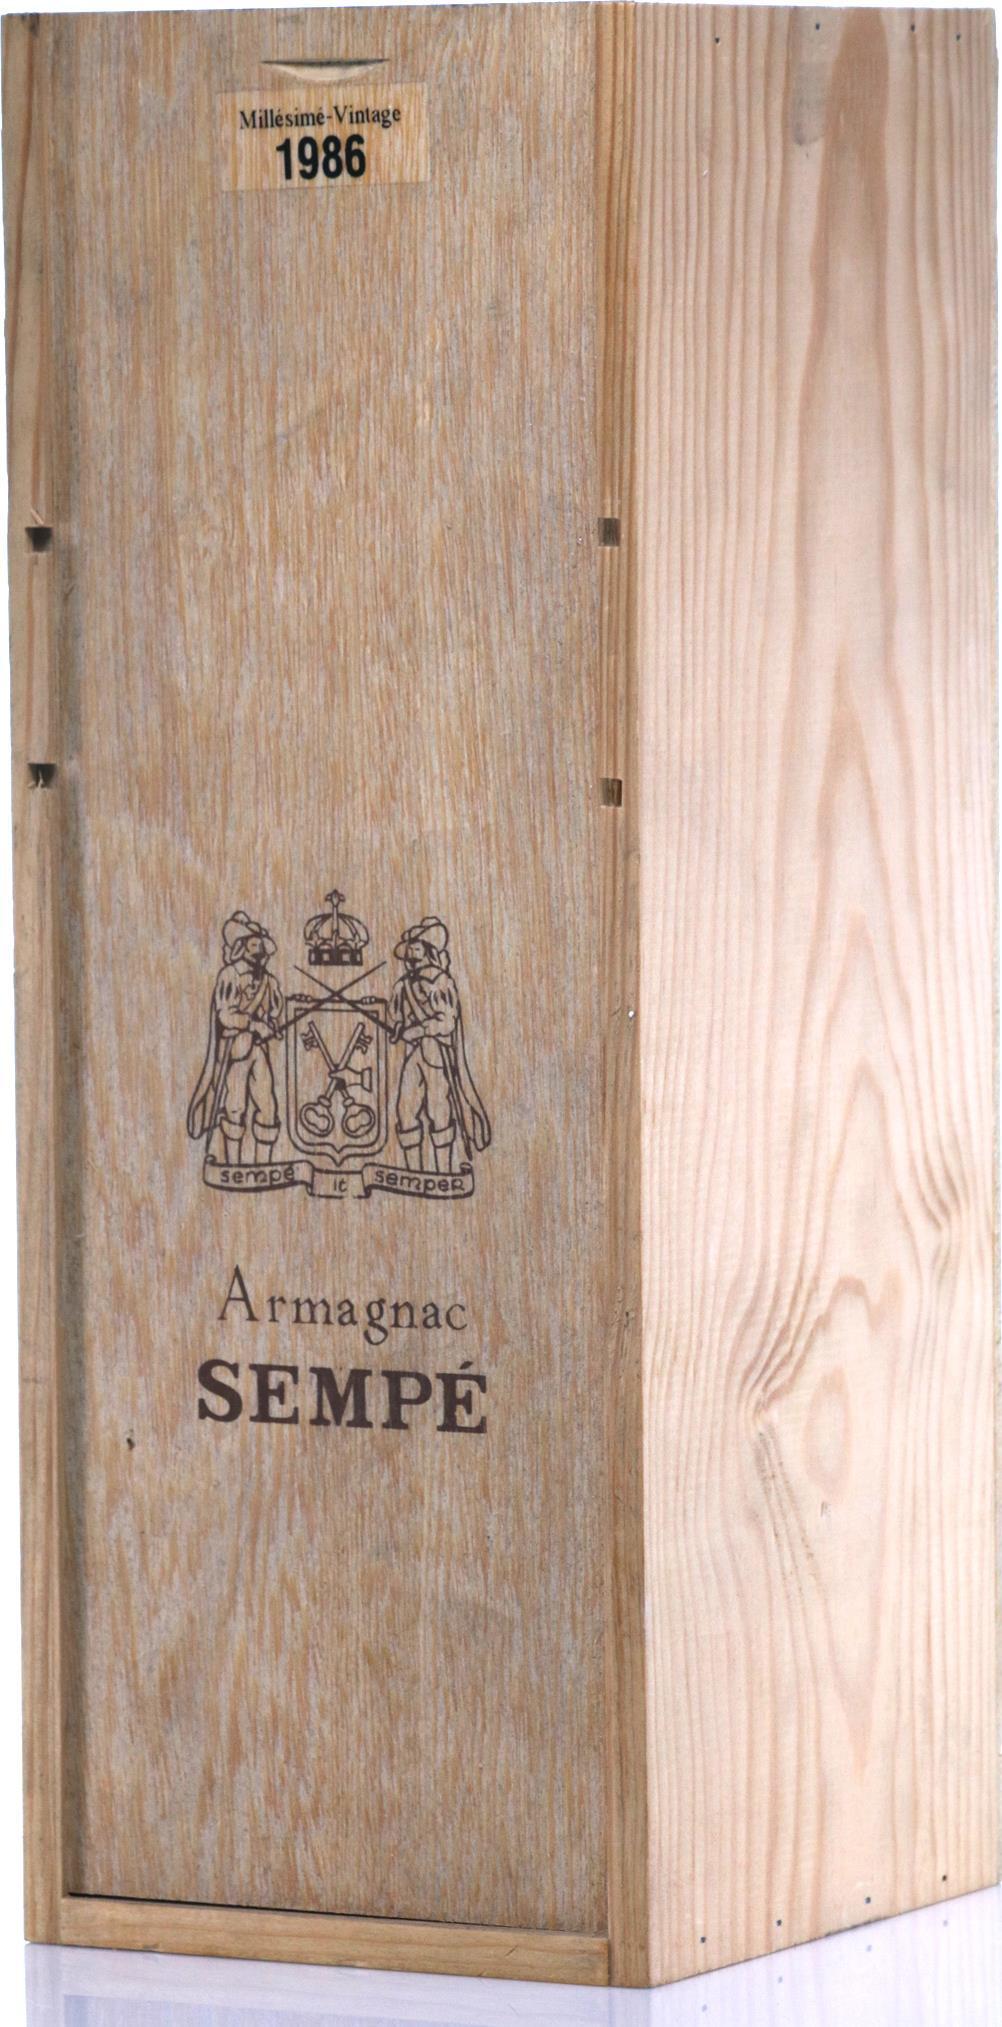 Armagnac 1986 Sempé